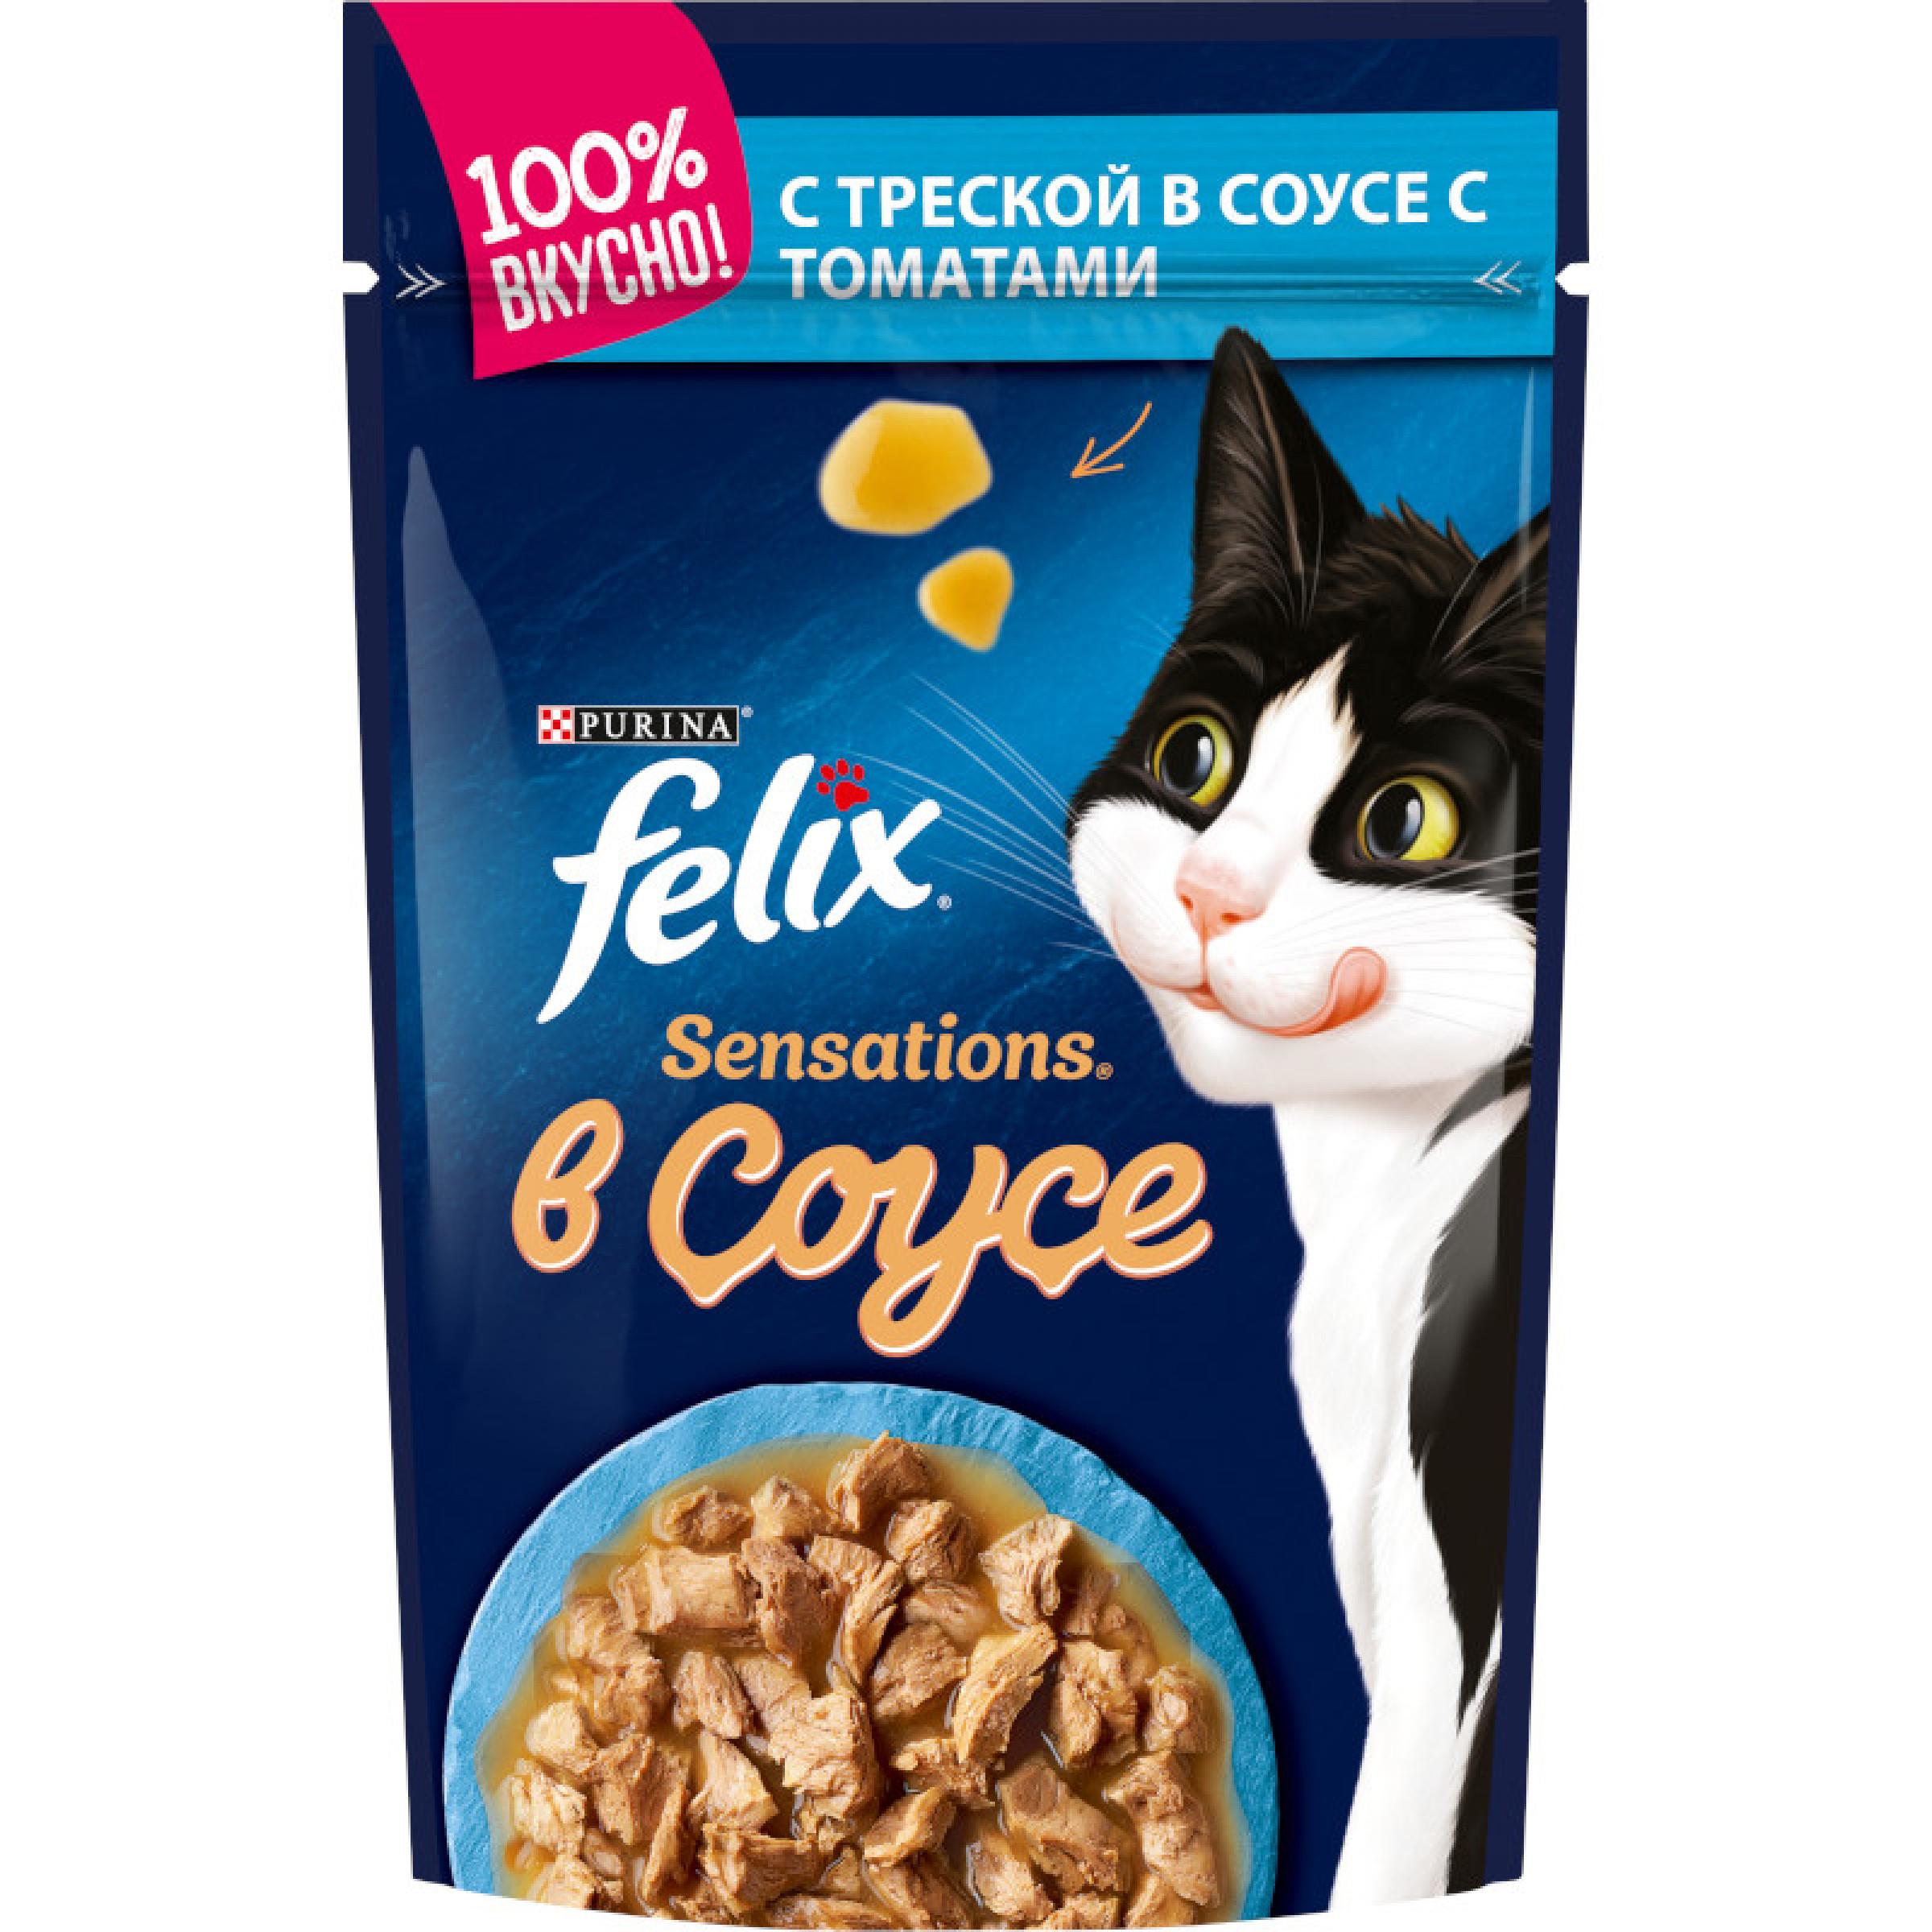 Влажный корм для взрослых кошек FELIX Sensations с треской в желе с томатами, 85 гр